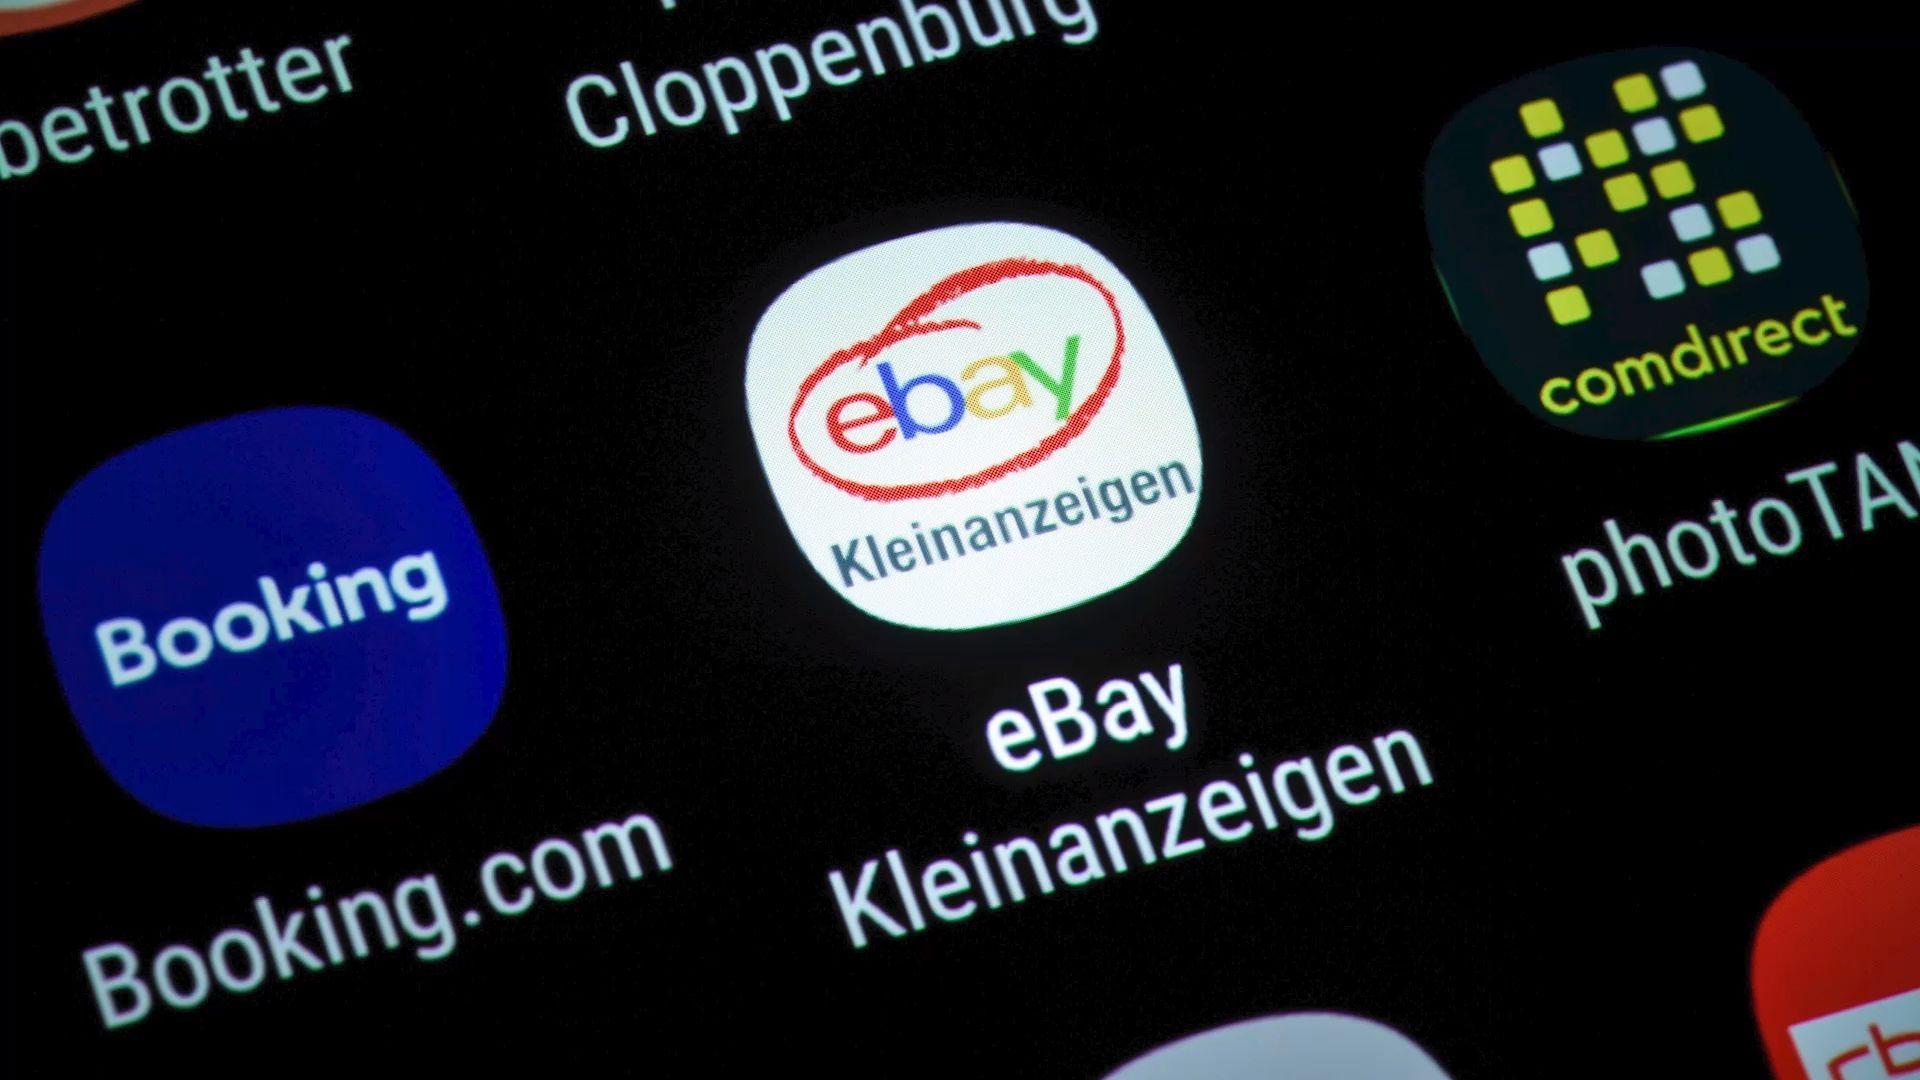 Wichtige Änderung bei Ebay Kleinanzeigen: Das müssen Nutzer jetzt wissen